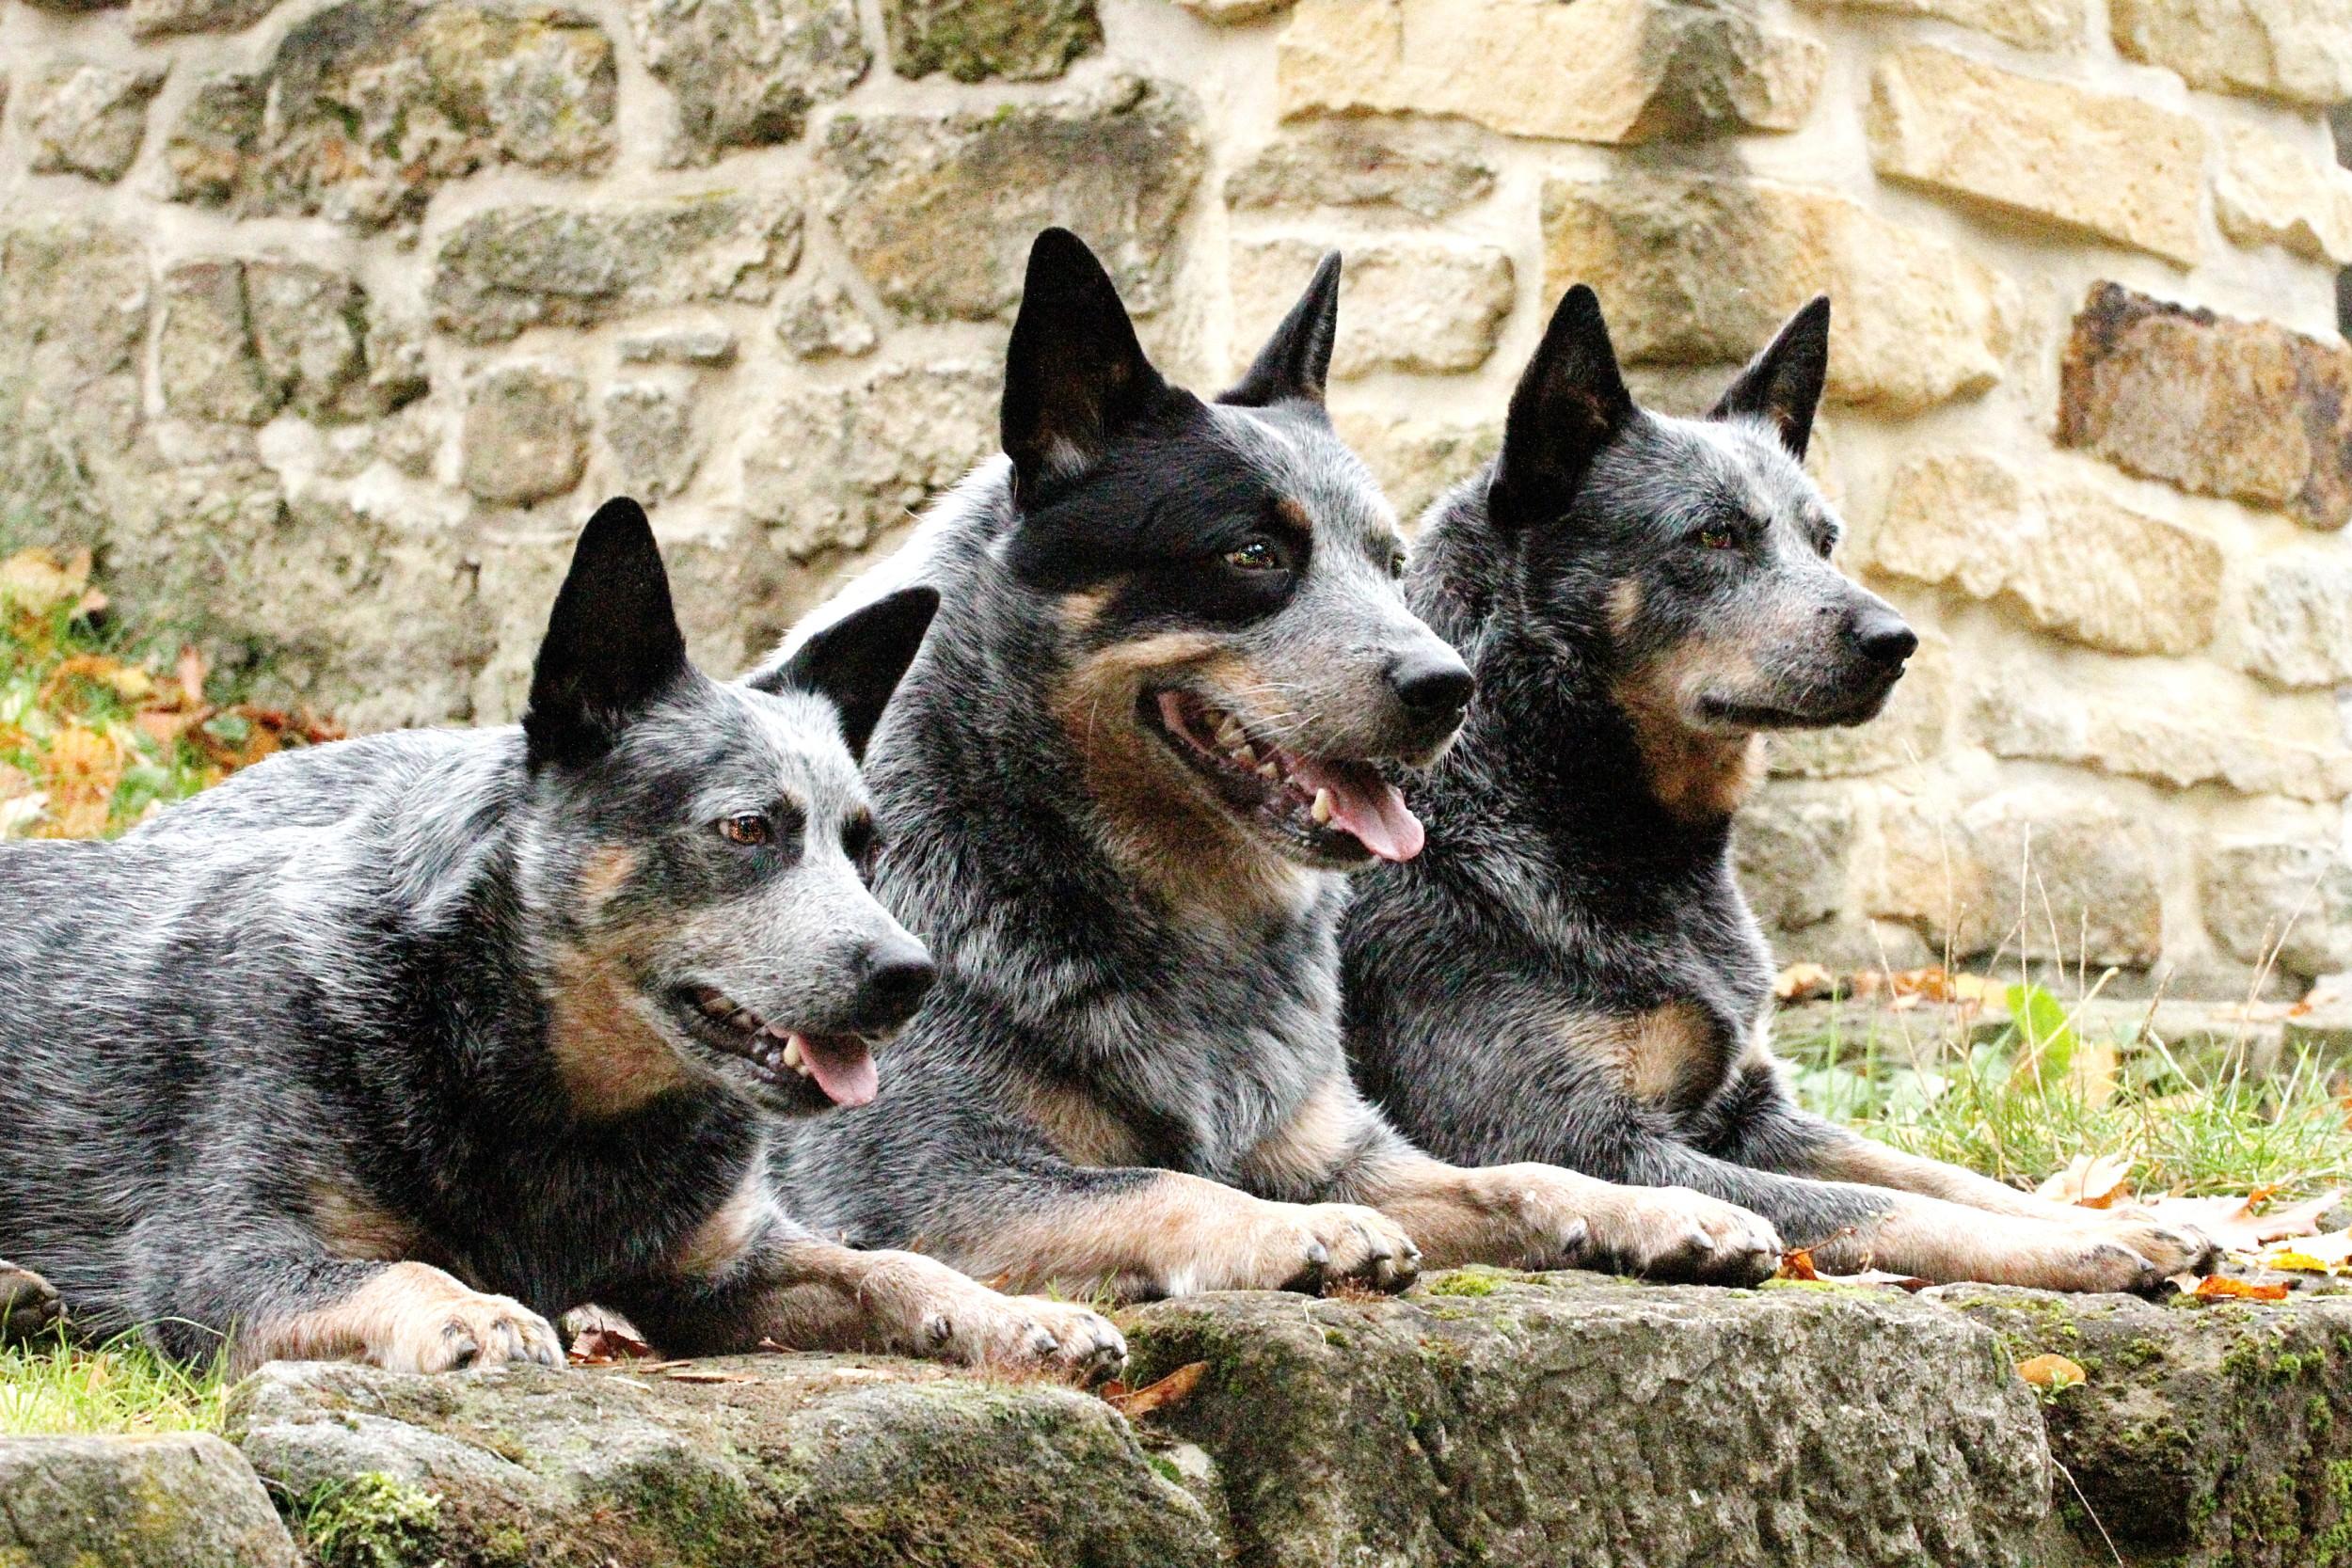 Excepcional Boiadeiro Australiano - Raças de Cães - InfoEscola VR92